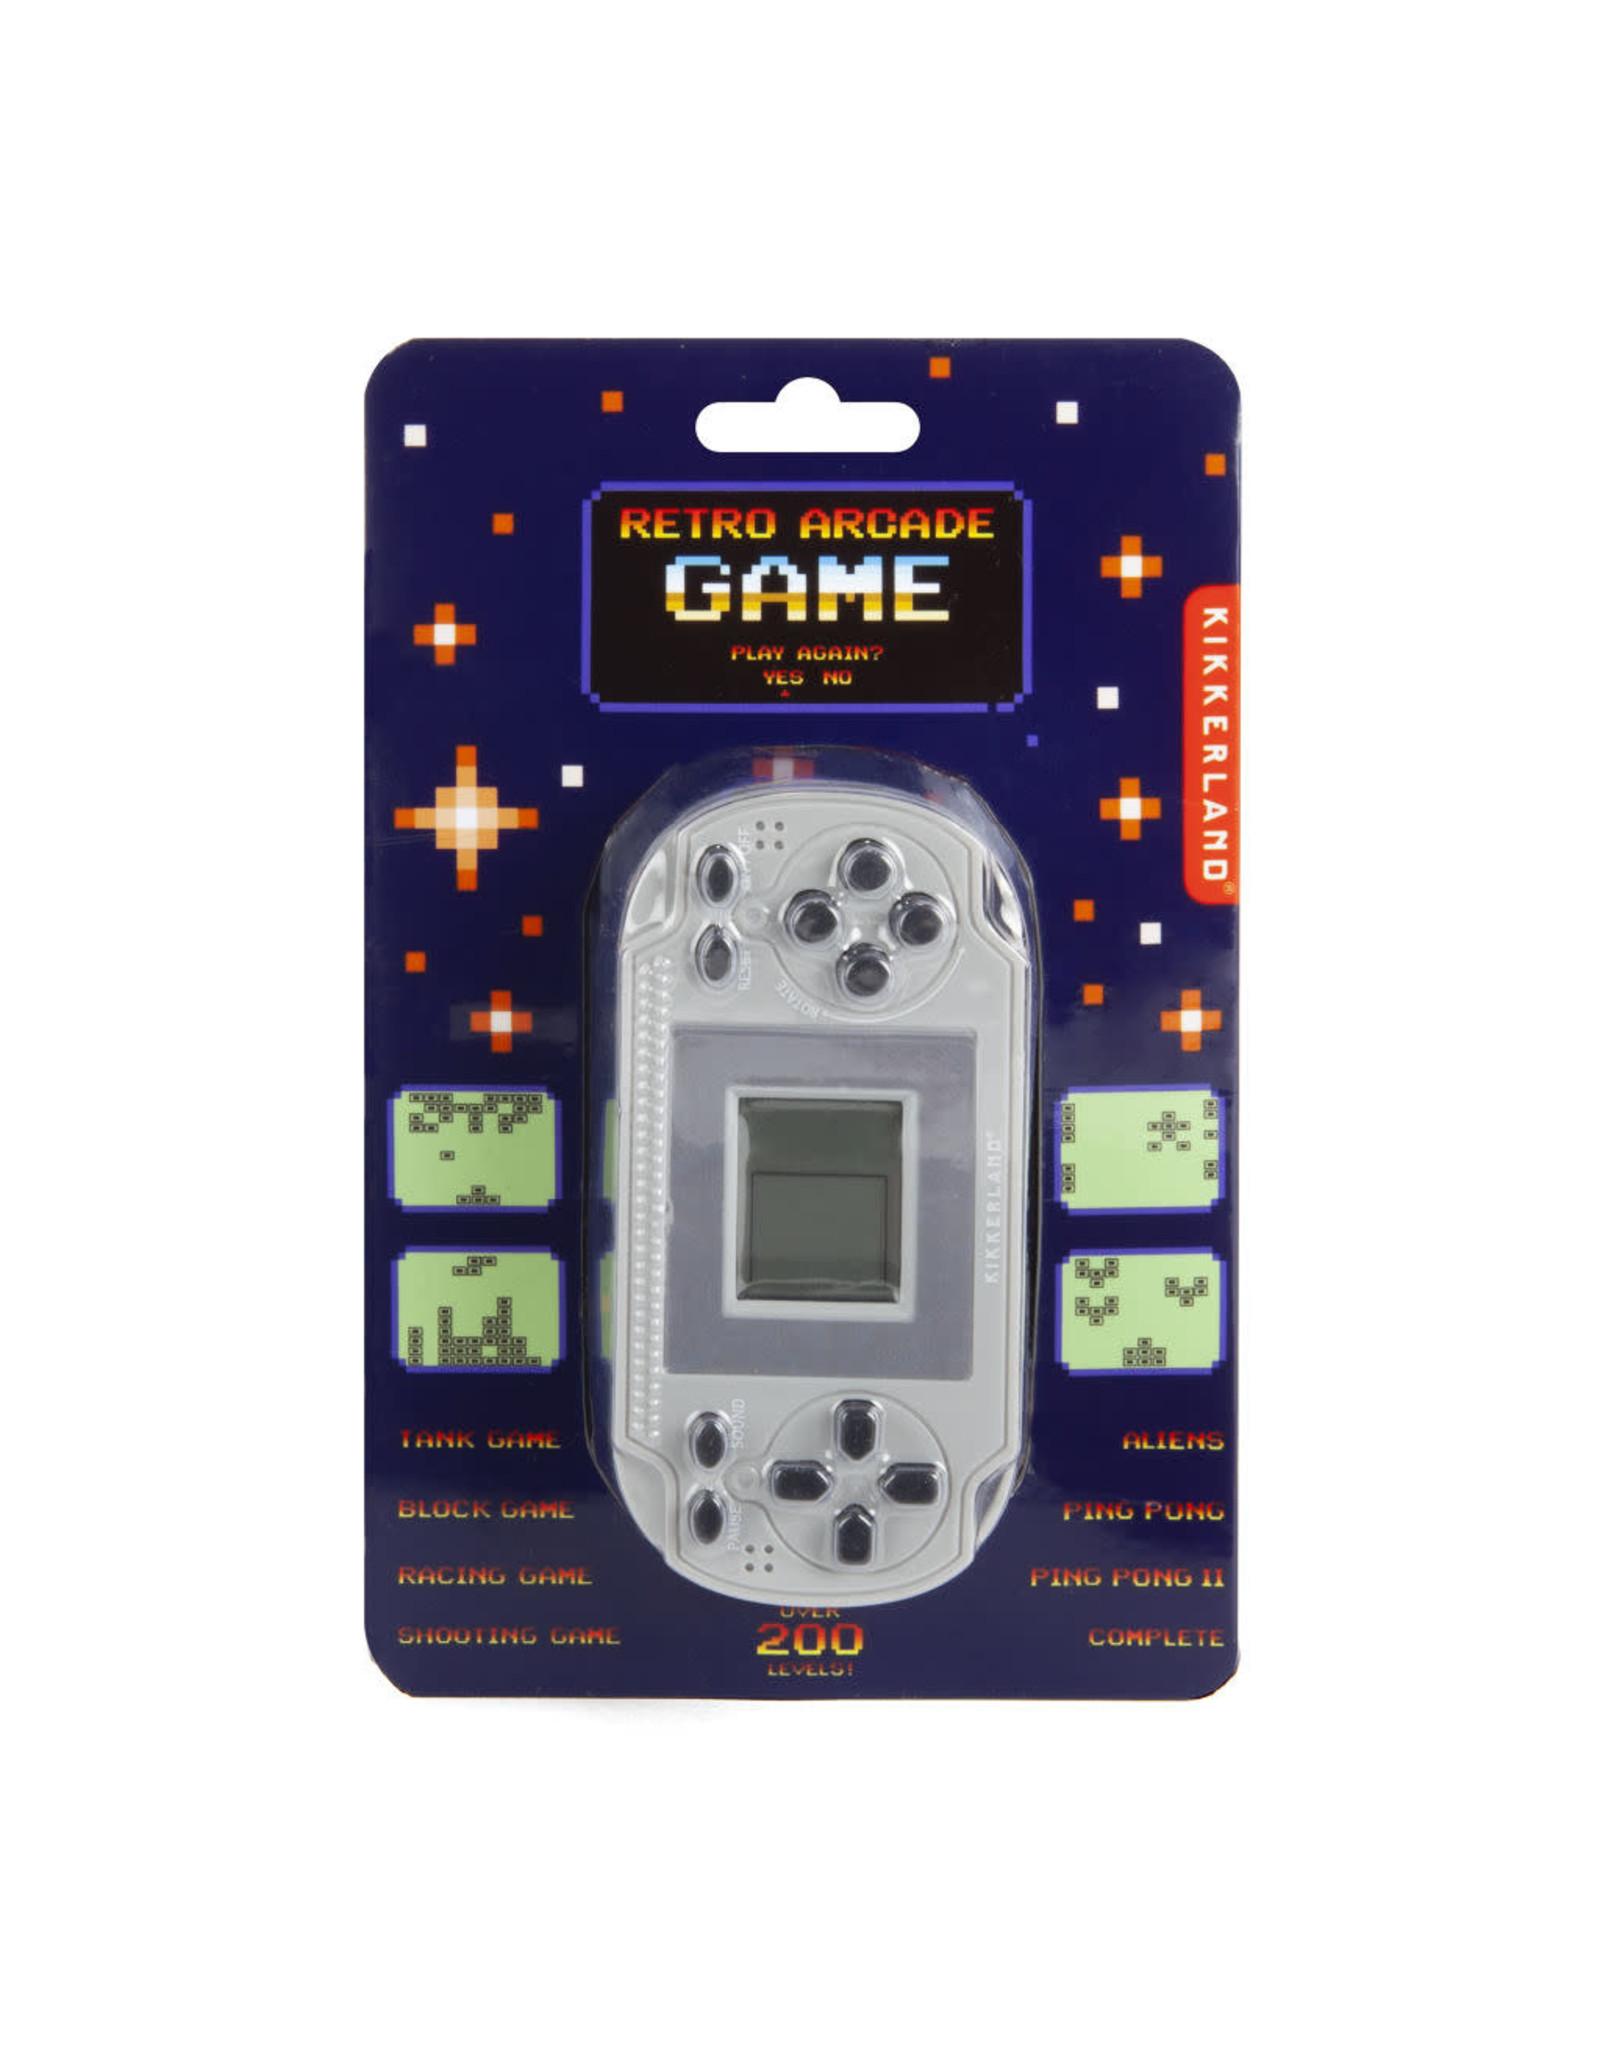 game - retro arcade